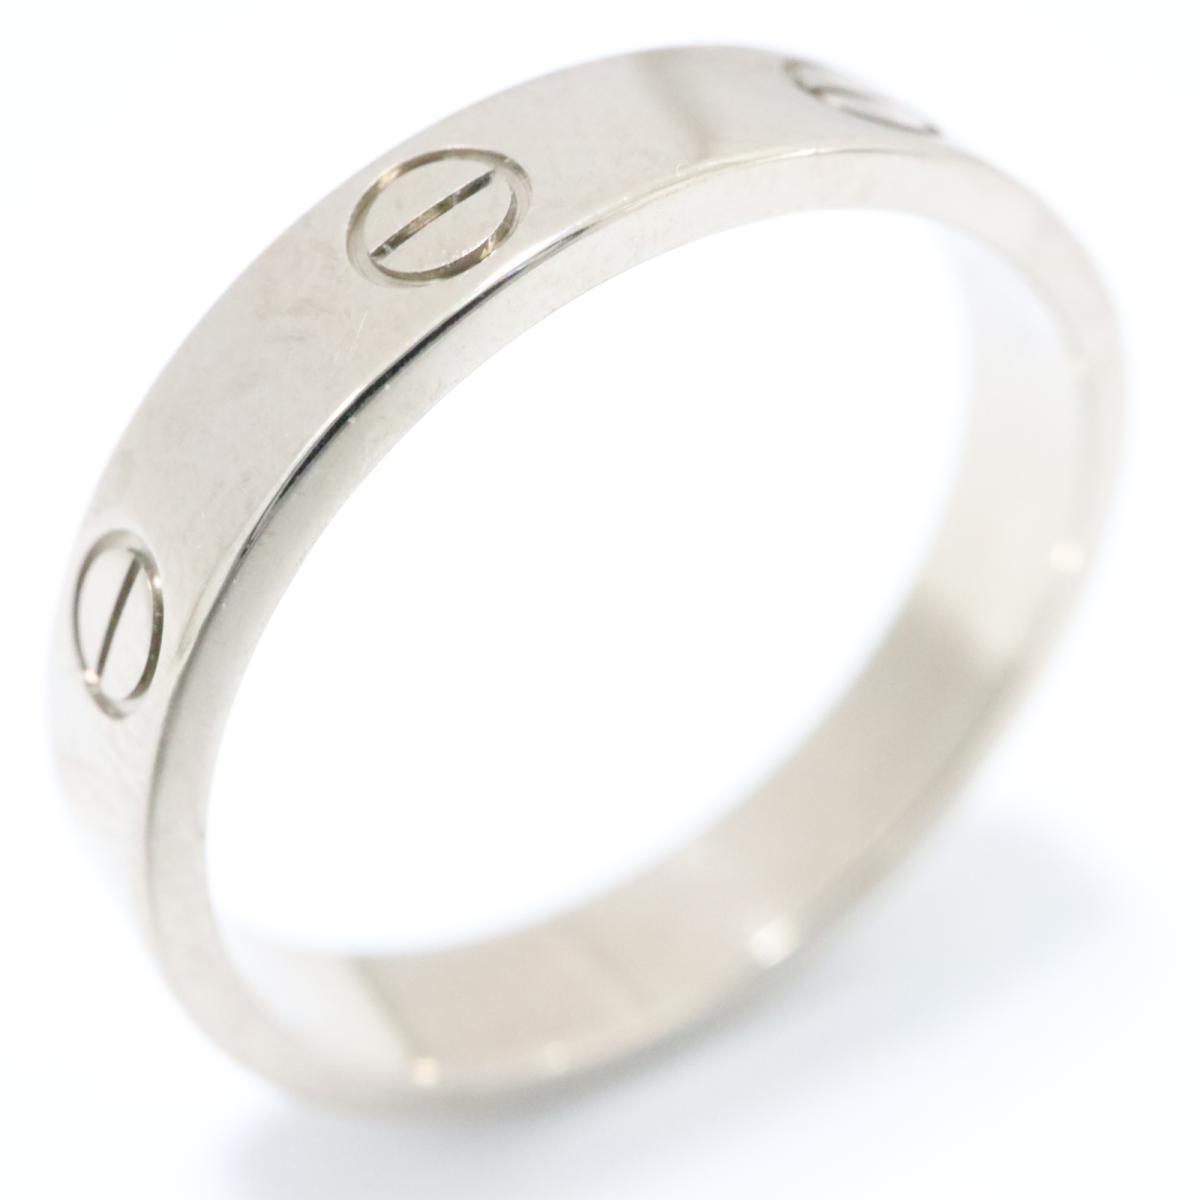 カルティエ ミニラブリング 指輪 ブランドジュエリー メンズ レディース K18WG -750 ホワイトゴールド シルバー【中古】 | Cartier BRANDOFF ブランドオフ ブランド ジュエリー アクセサリー リング